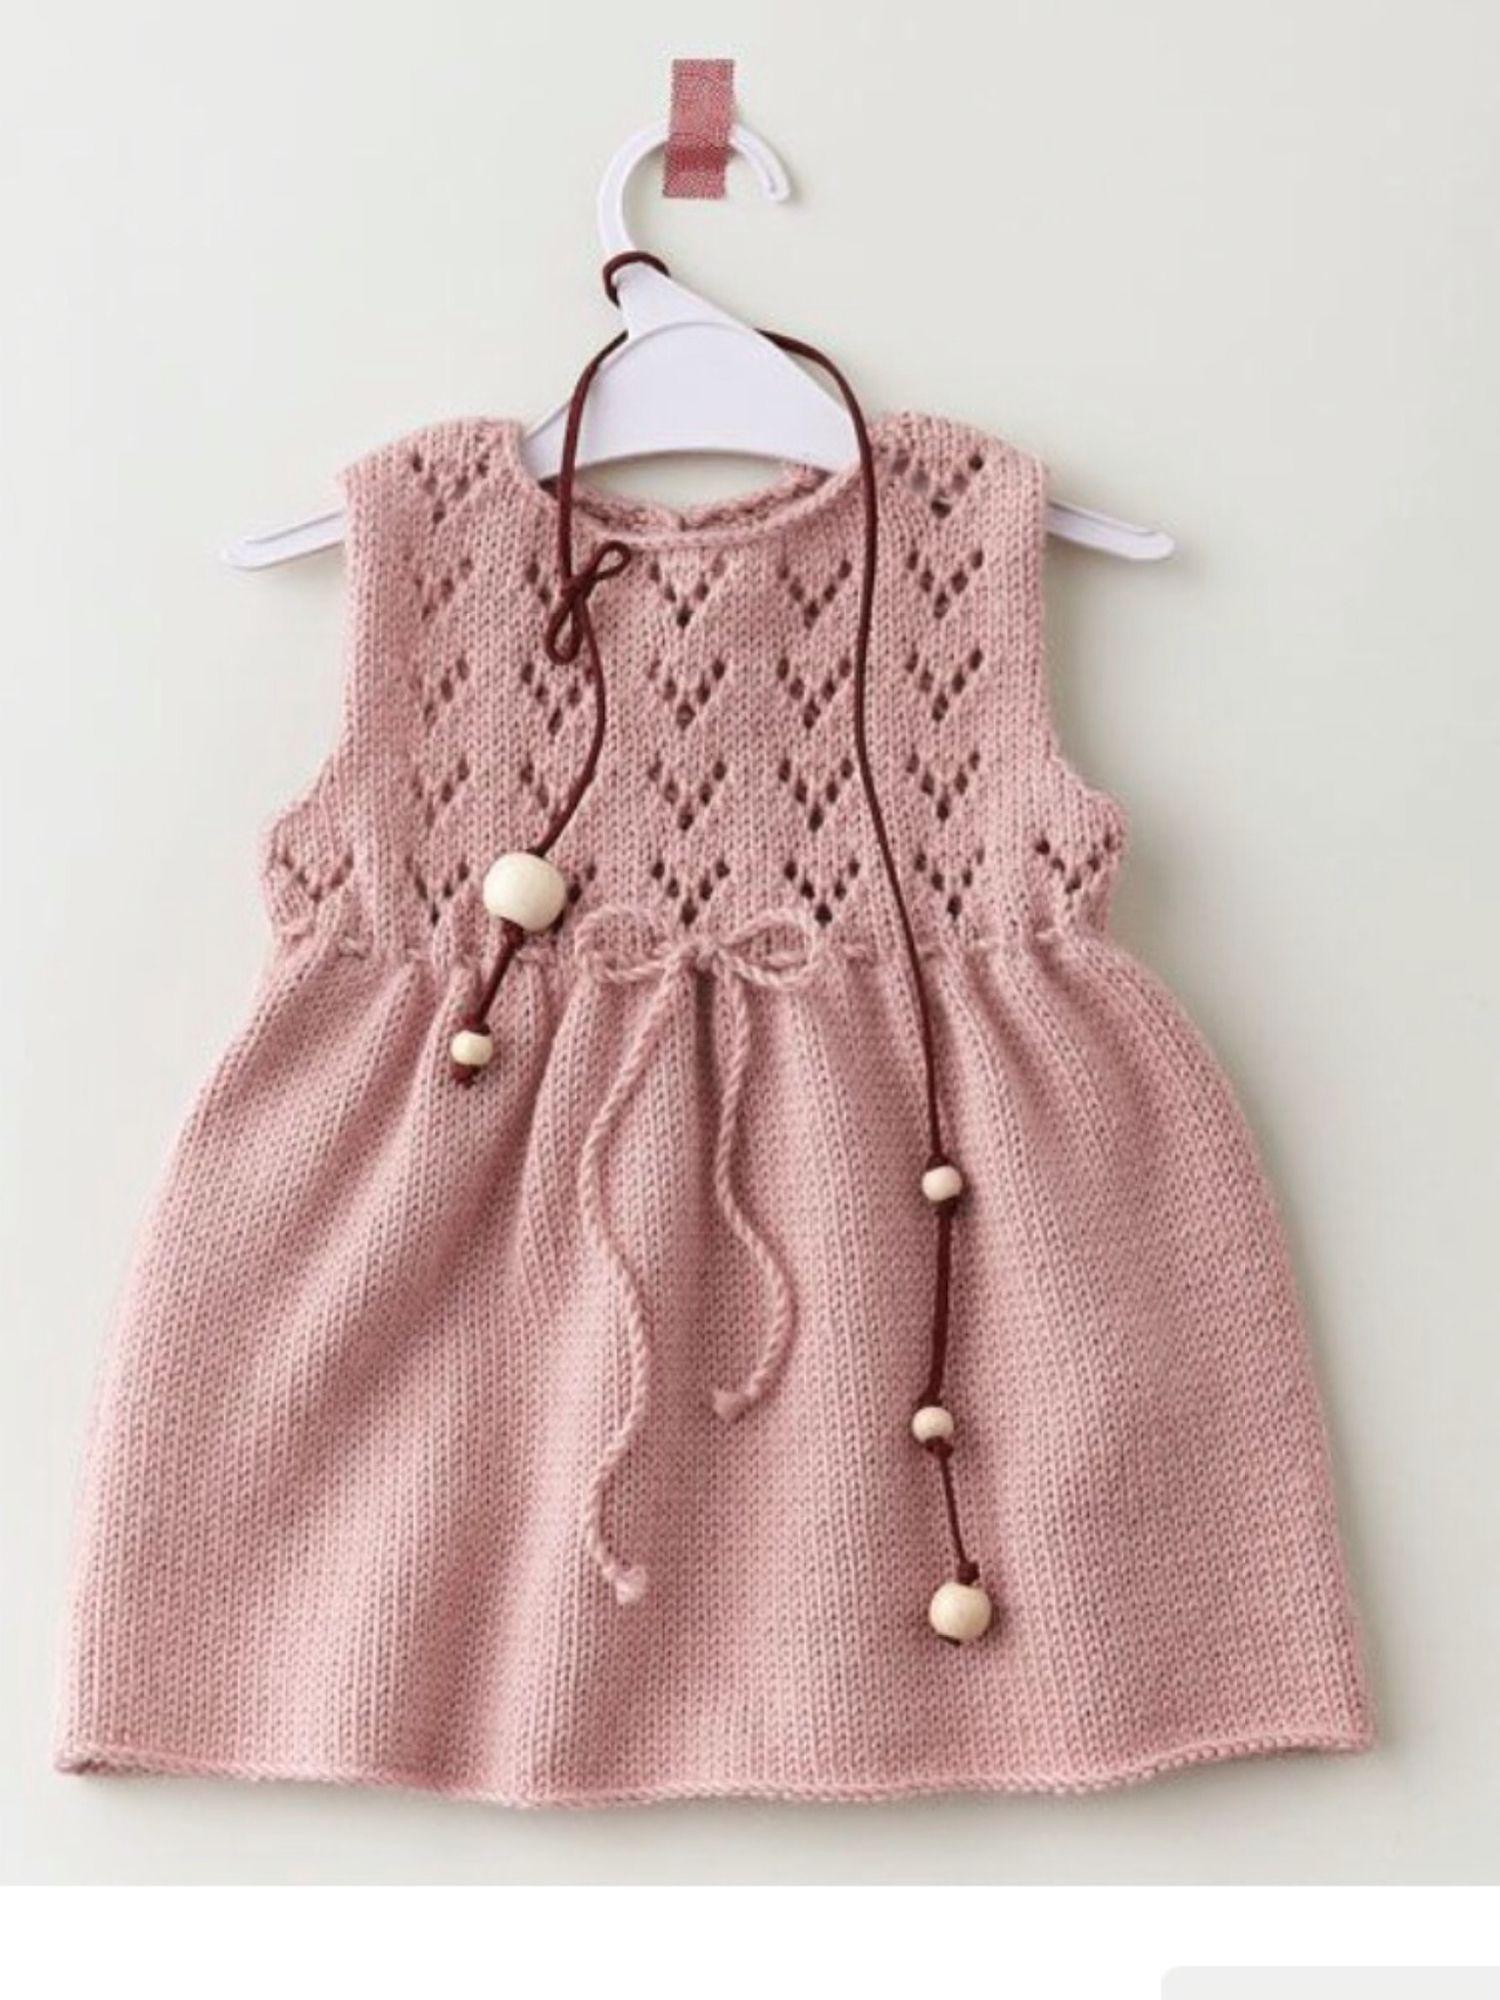 Elbise ‡ocuk örgüleri Pinterest